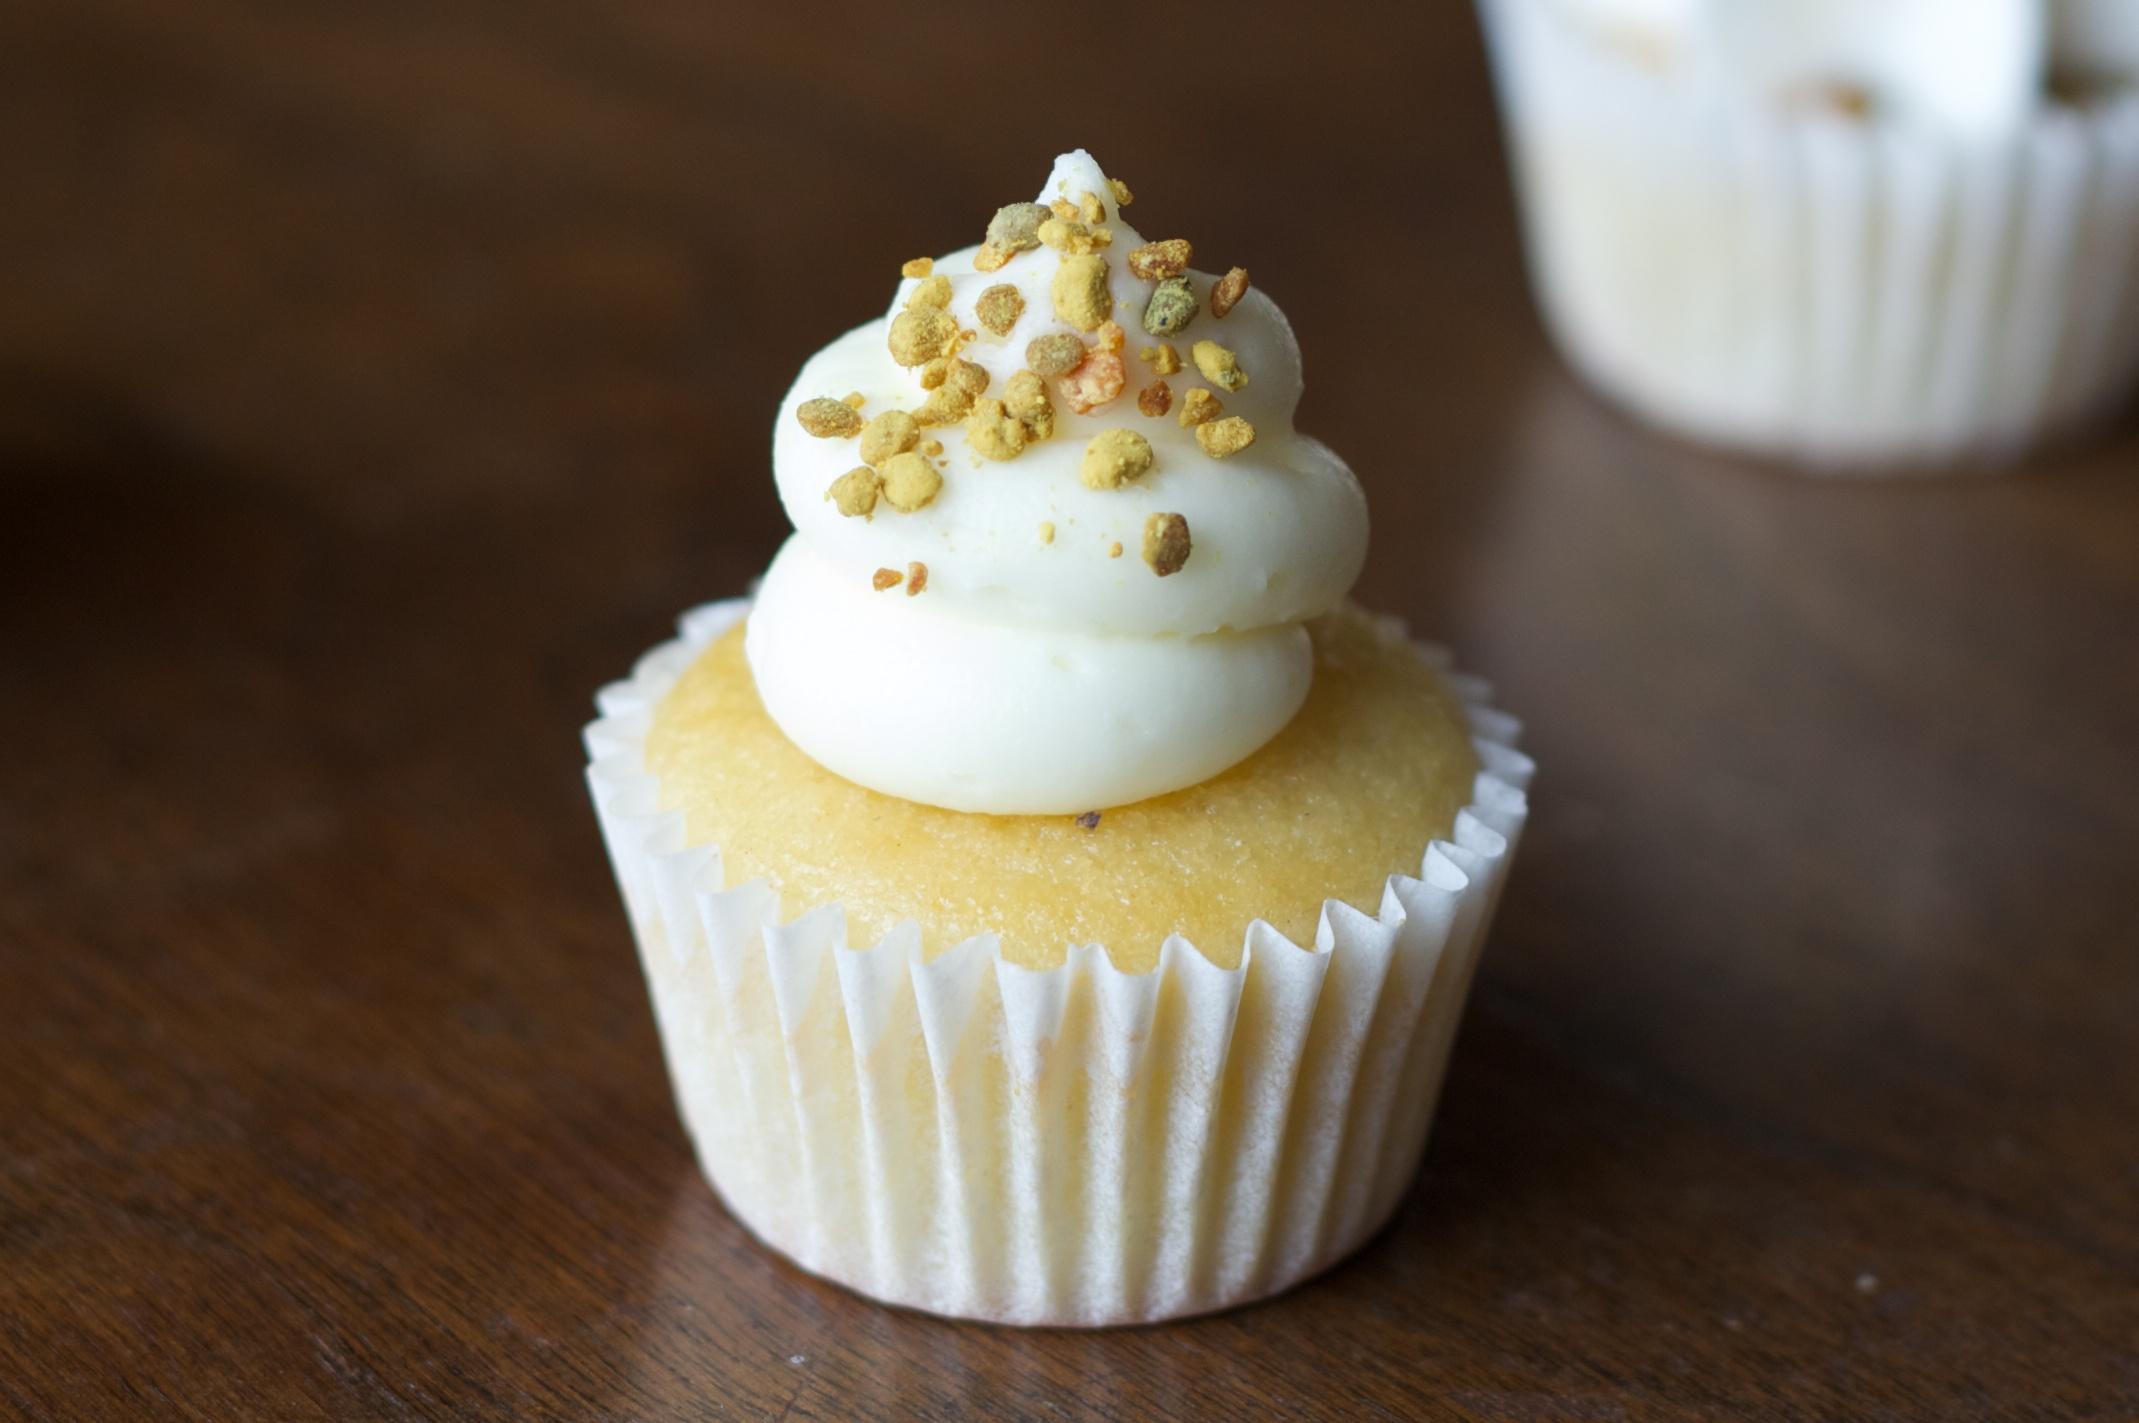 cupcake-BeesKnees-690x425-250x180.jpg